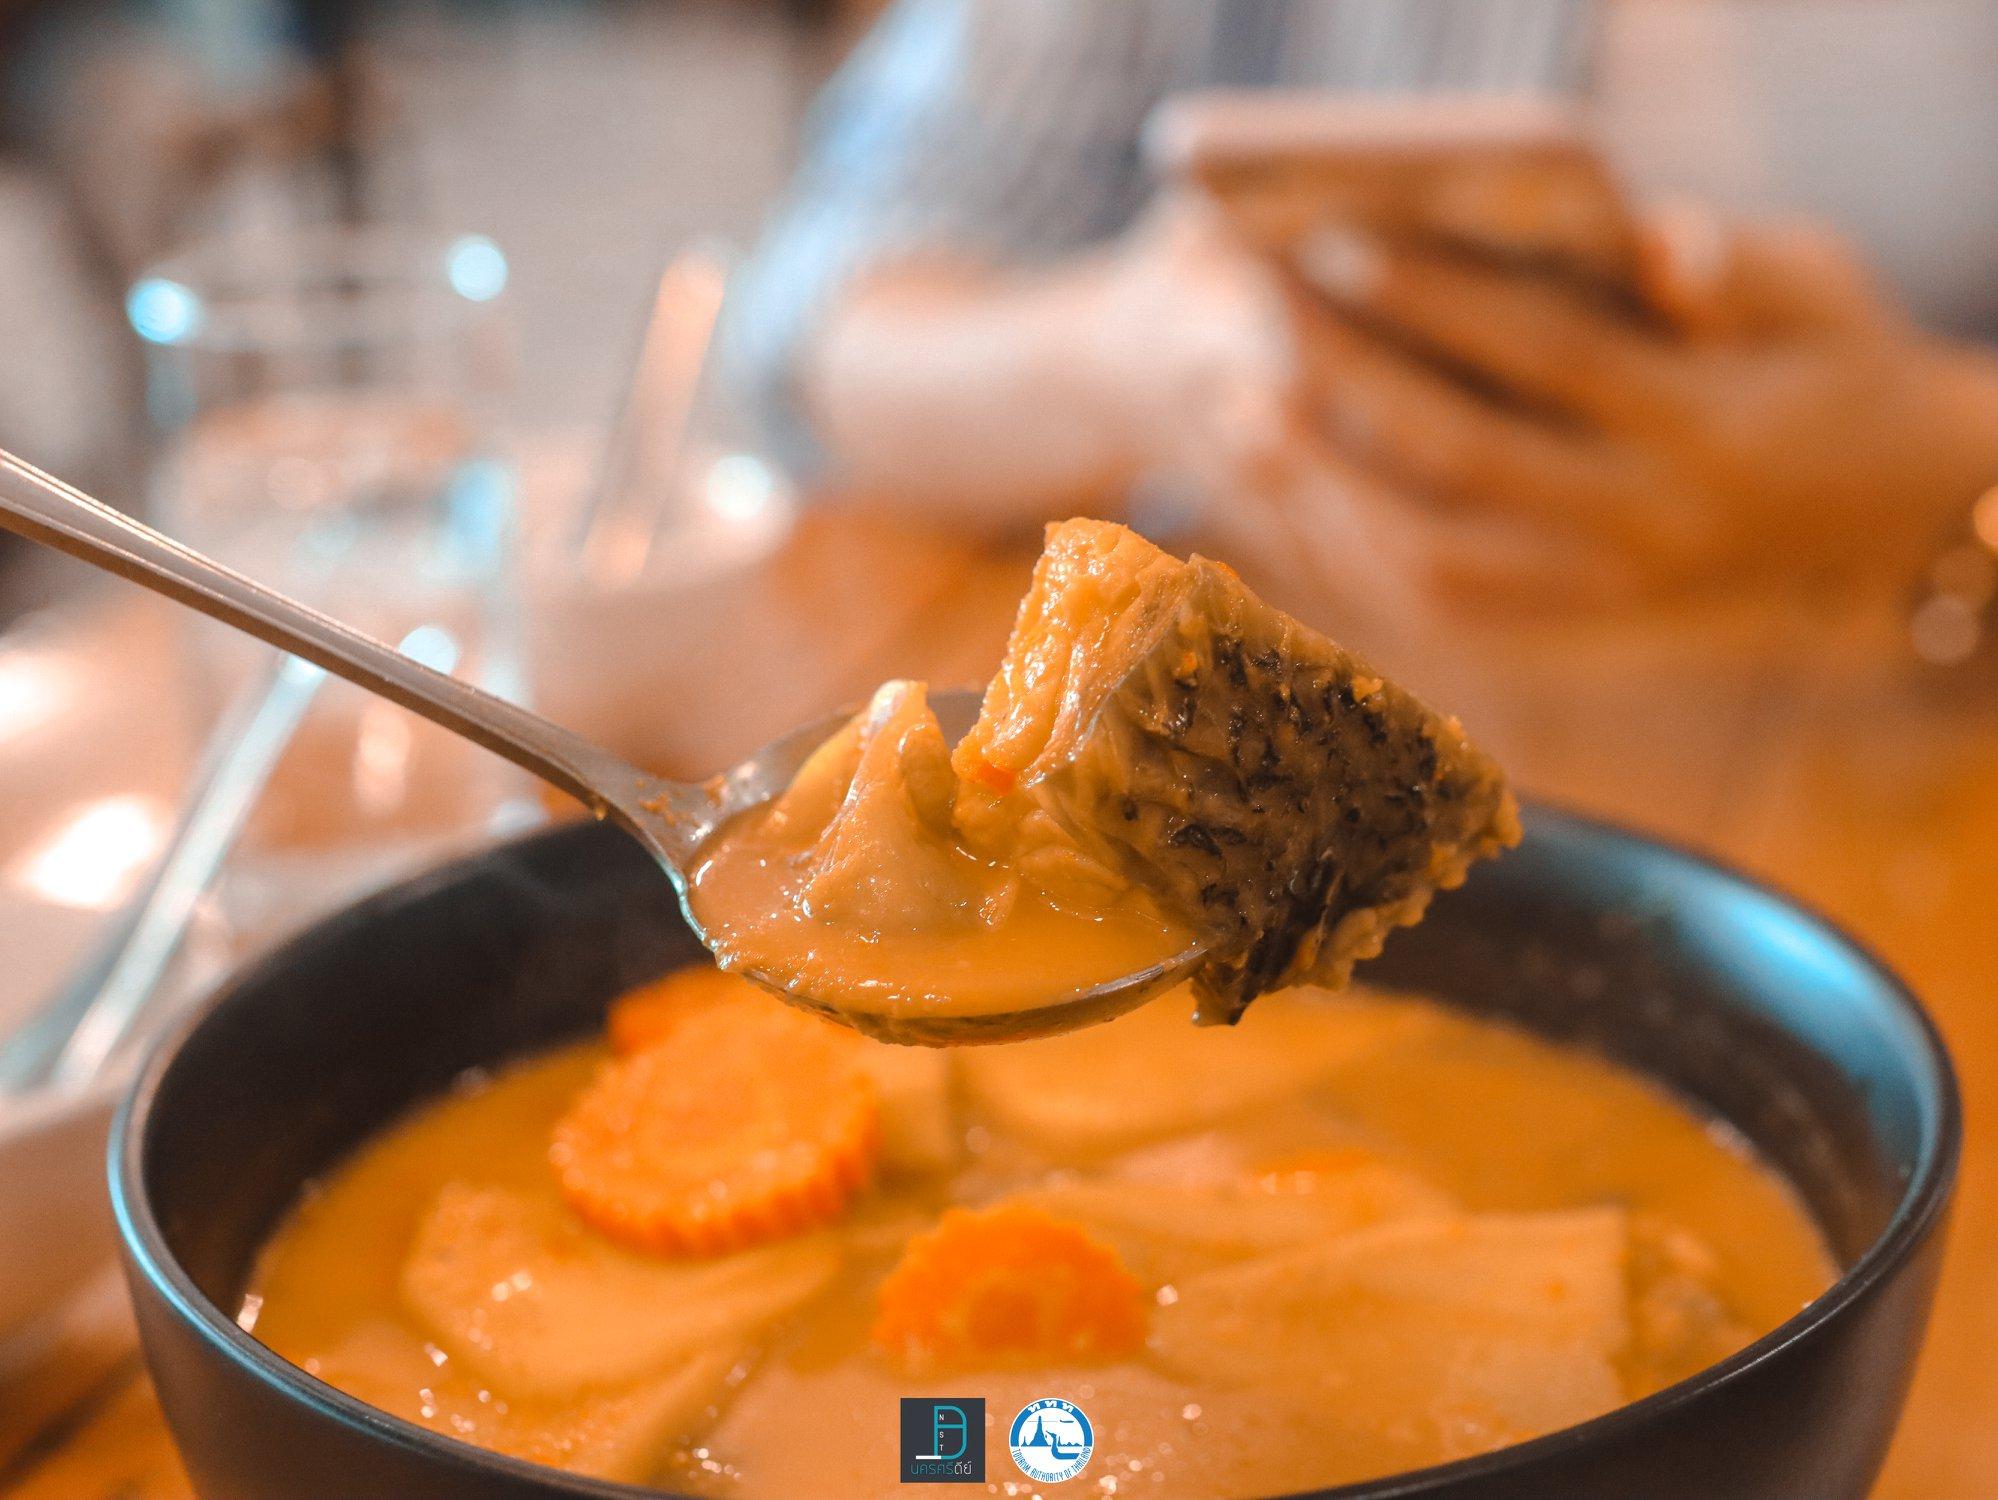 โซนอาหาร-แกงส้มปลากะพงงง-เราเปลี่ยนแนว-คุณต้องหิววว-555 คาเฟ่,สตูล,เด็ด,จุดเช็คอิน,อร่อย,ร้านอาหาร,จุดถ่ายรูป,สถานที่ท่องเที่ยว